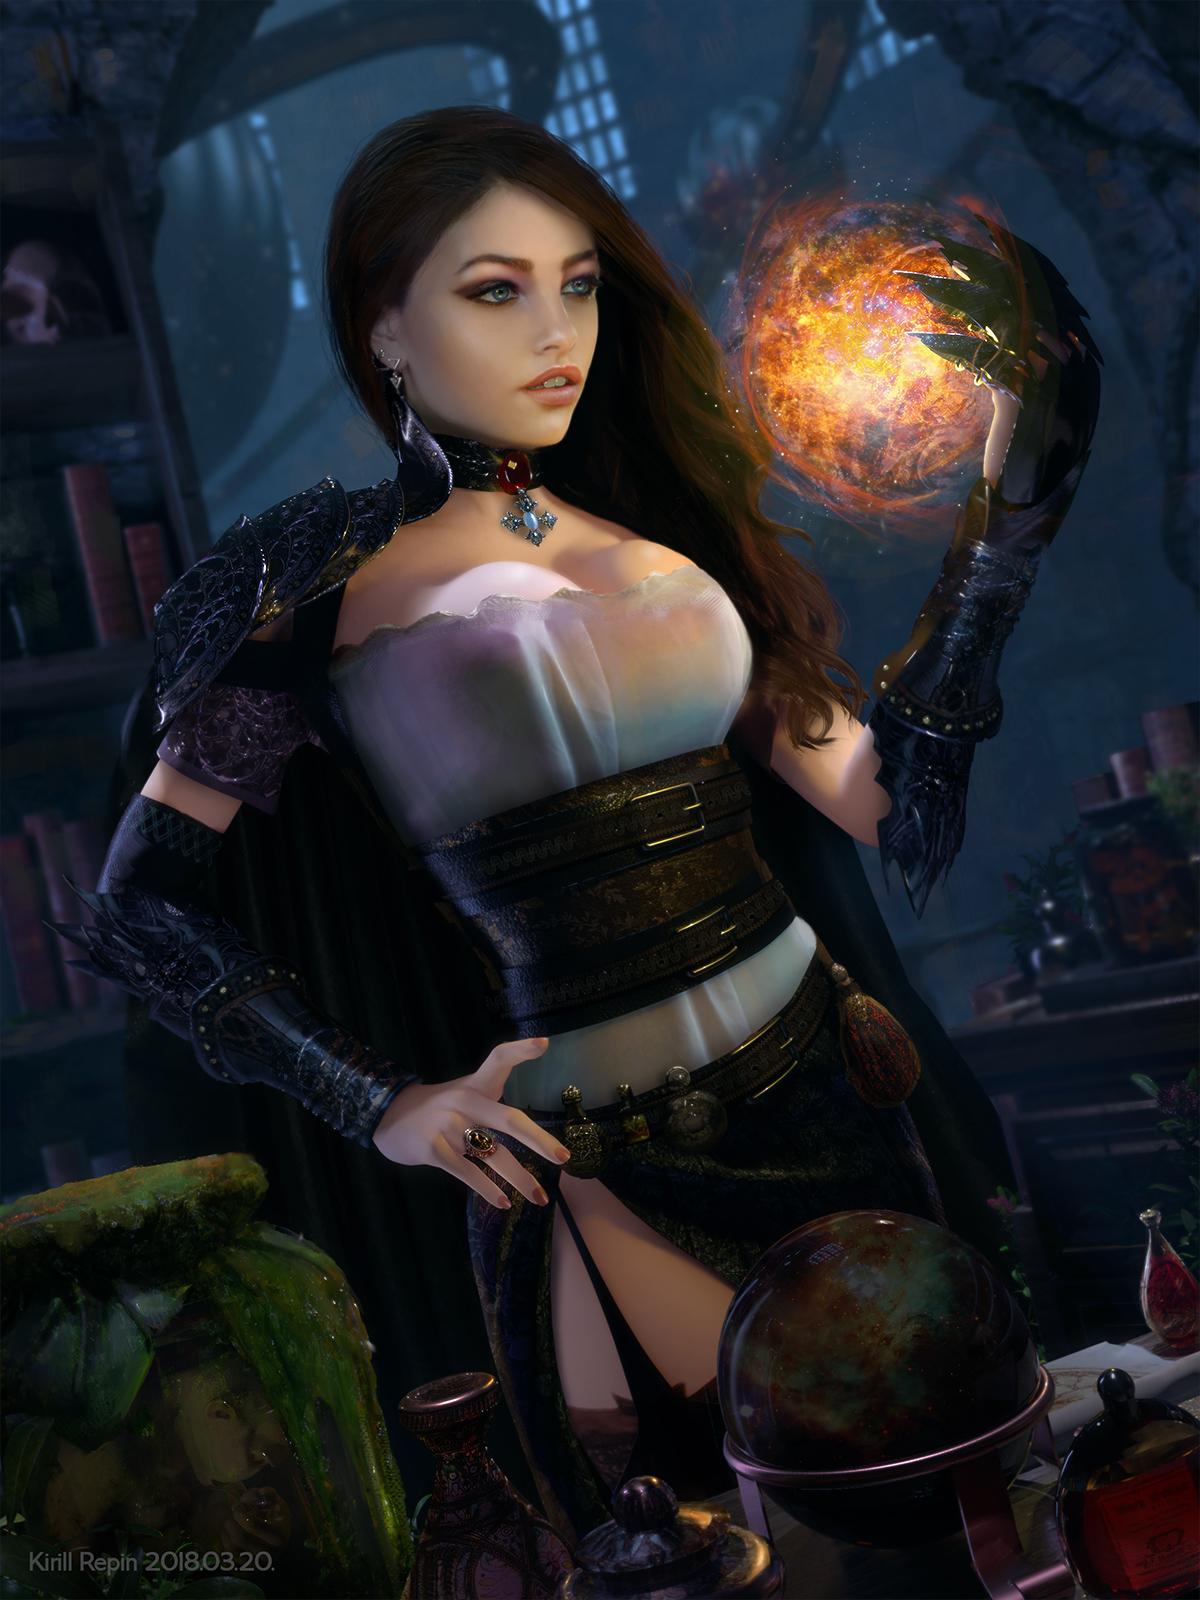 Kirill repin the sorceress 1 ea92c649 3suw